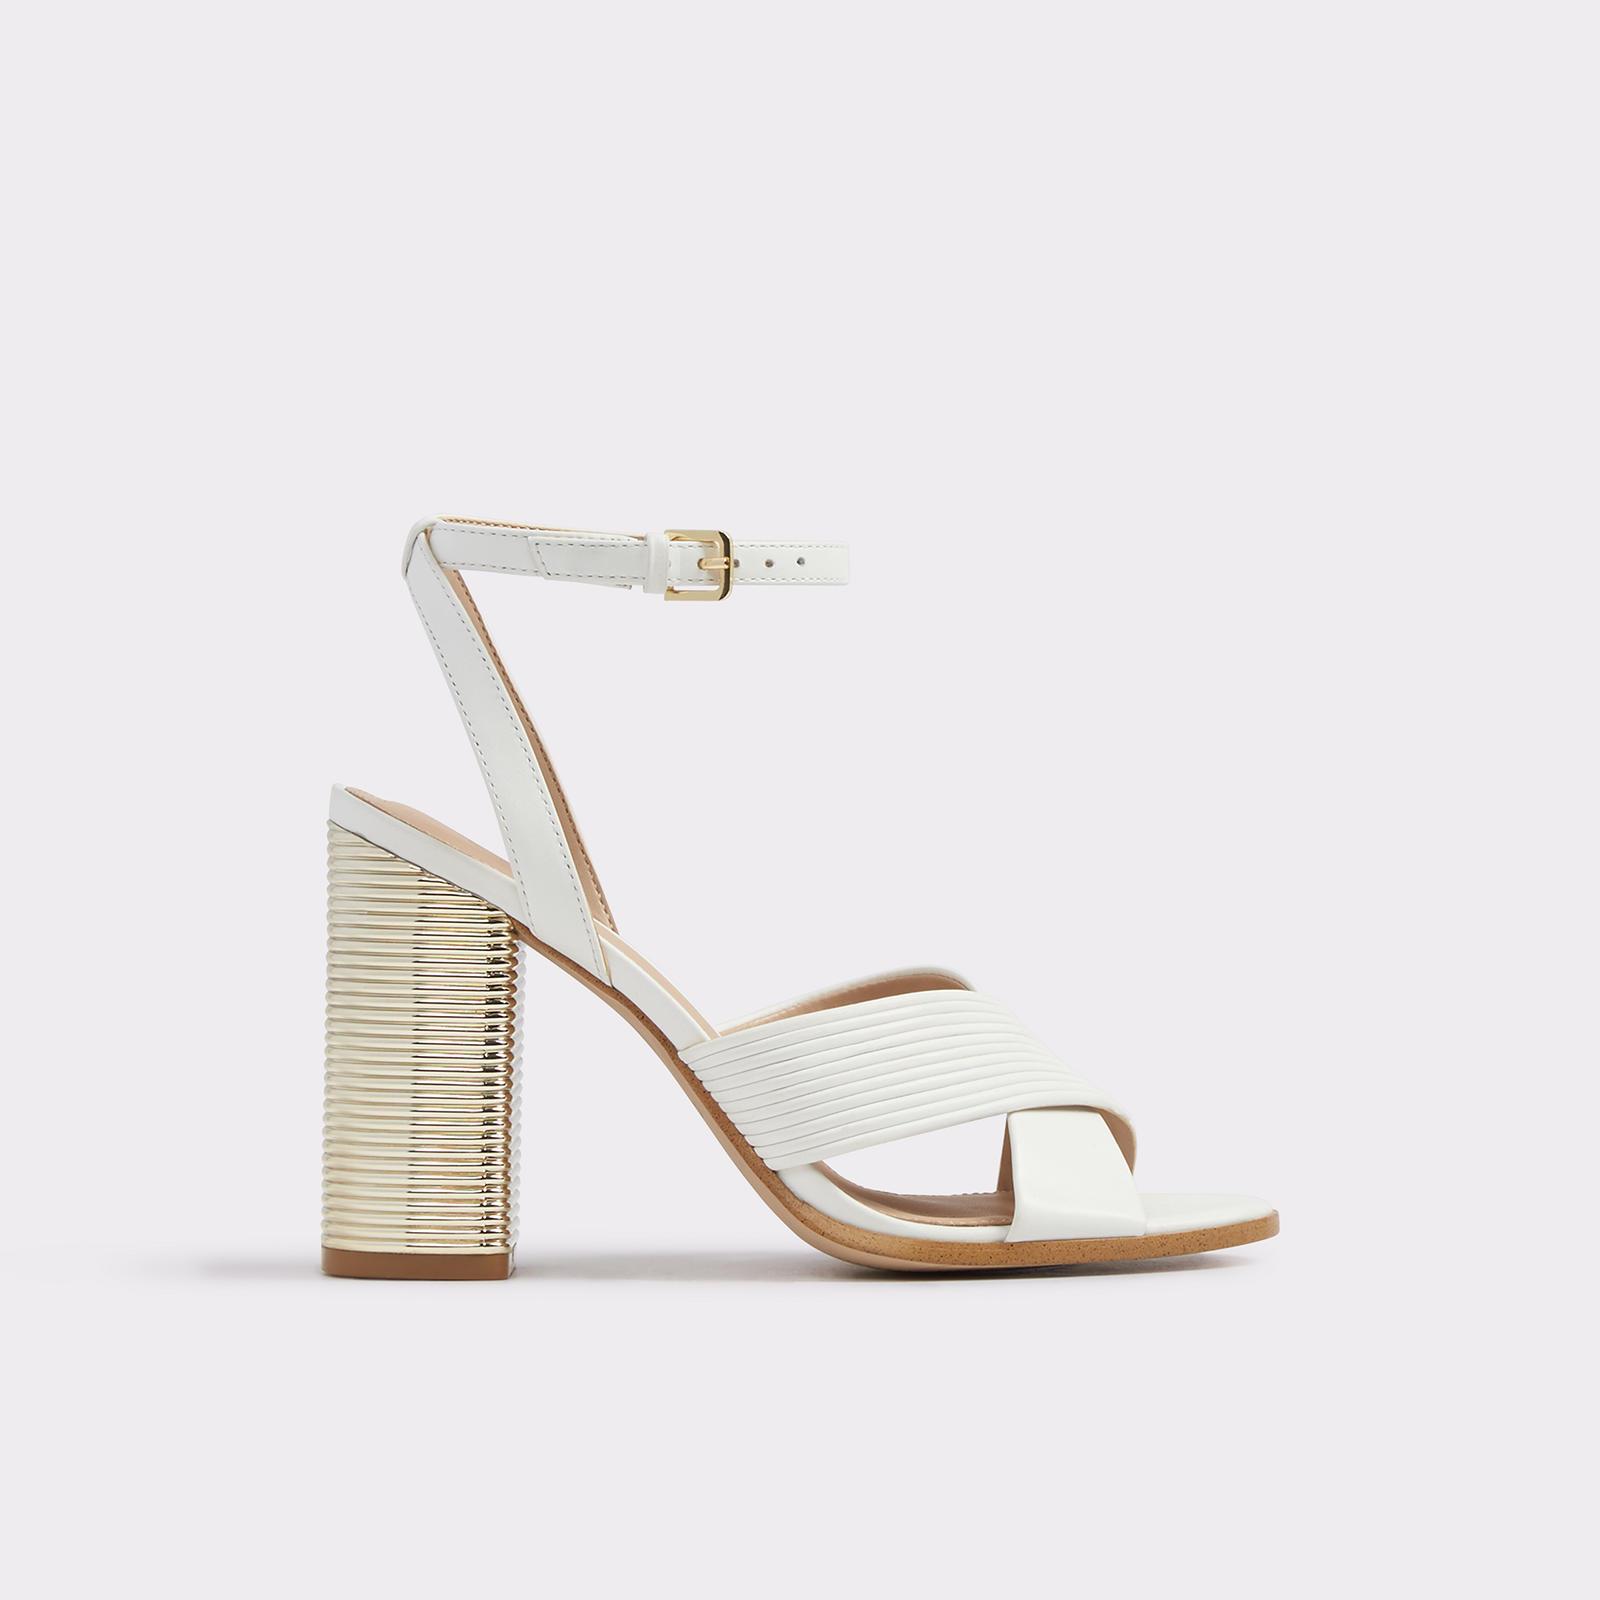 White Summer Sandals 2017